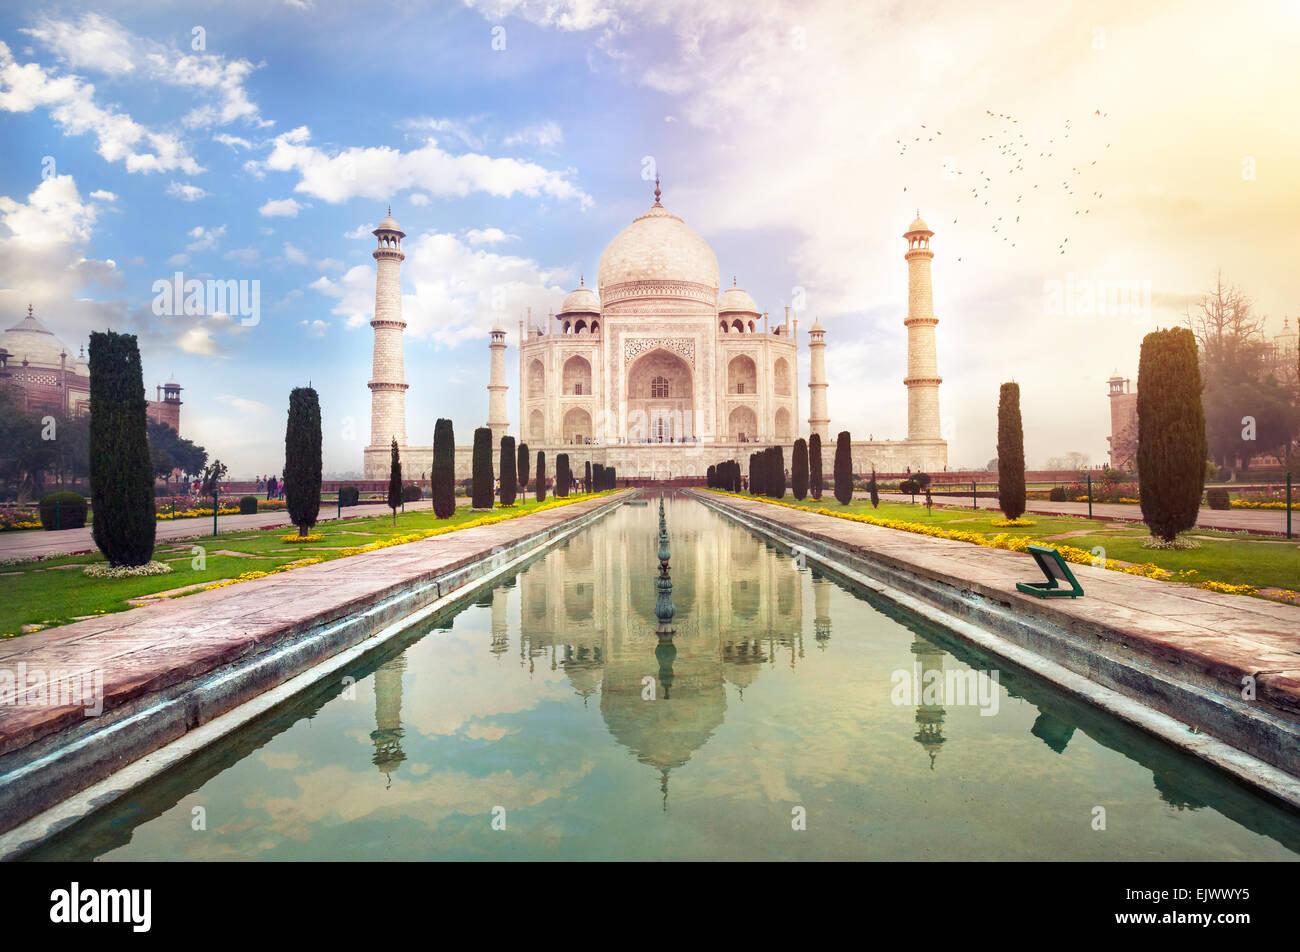 Taj Mahal Grab mit Spiegelbild im Wasser in blauen dramatischen Himmel in Agra, Uttar Pradesh, Indien Stockbild